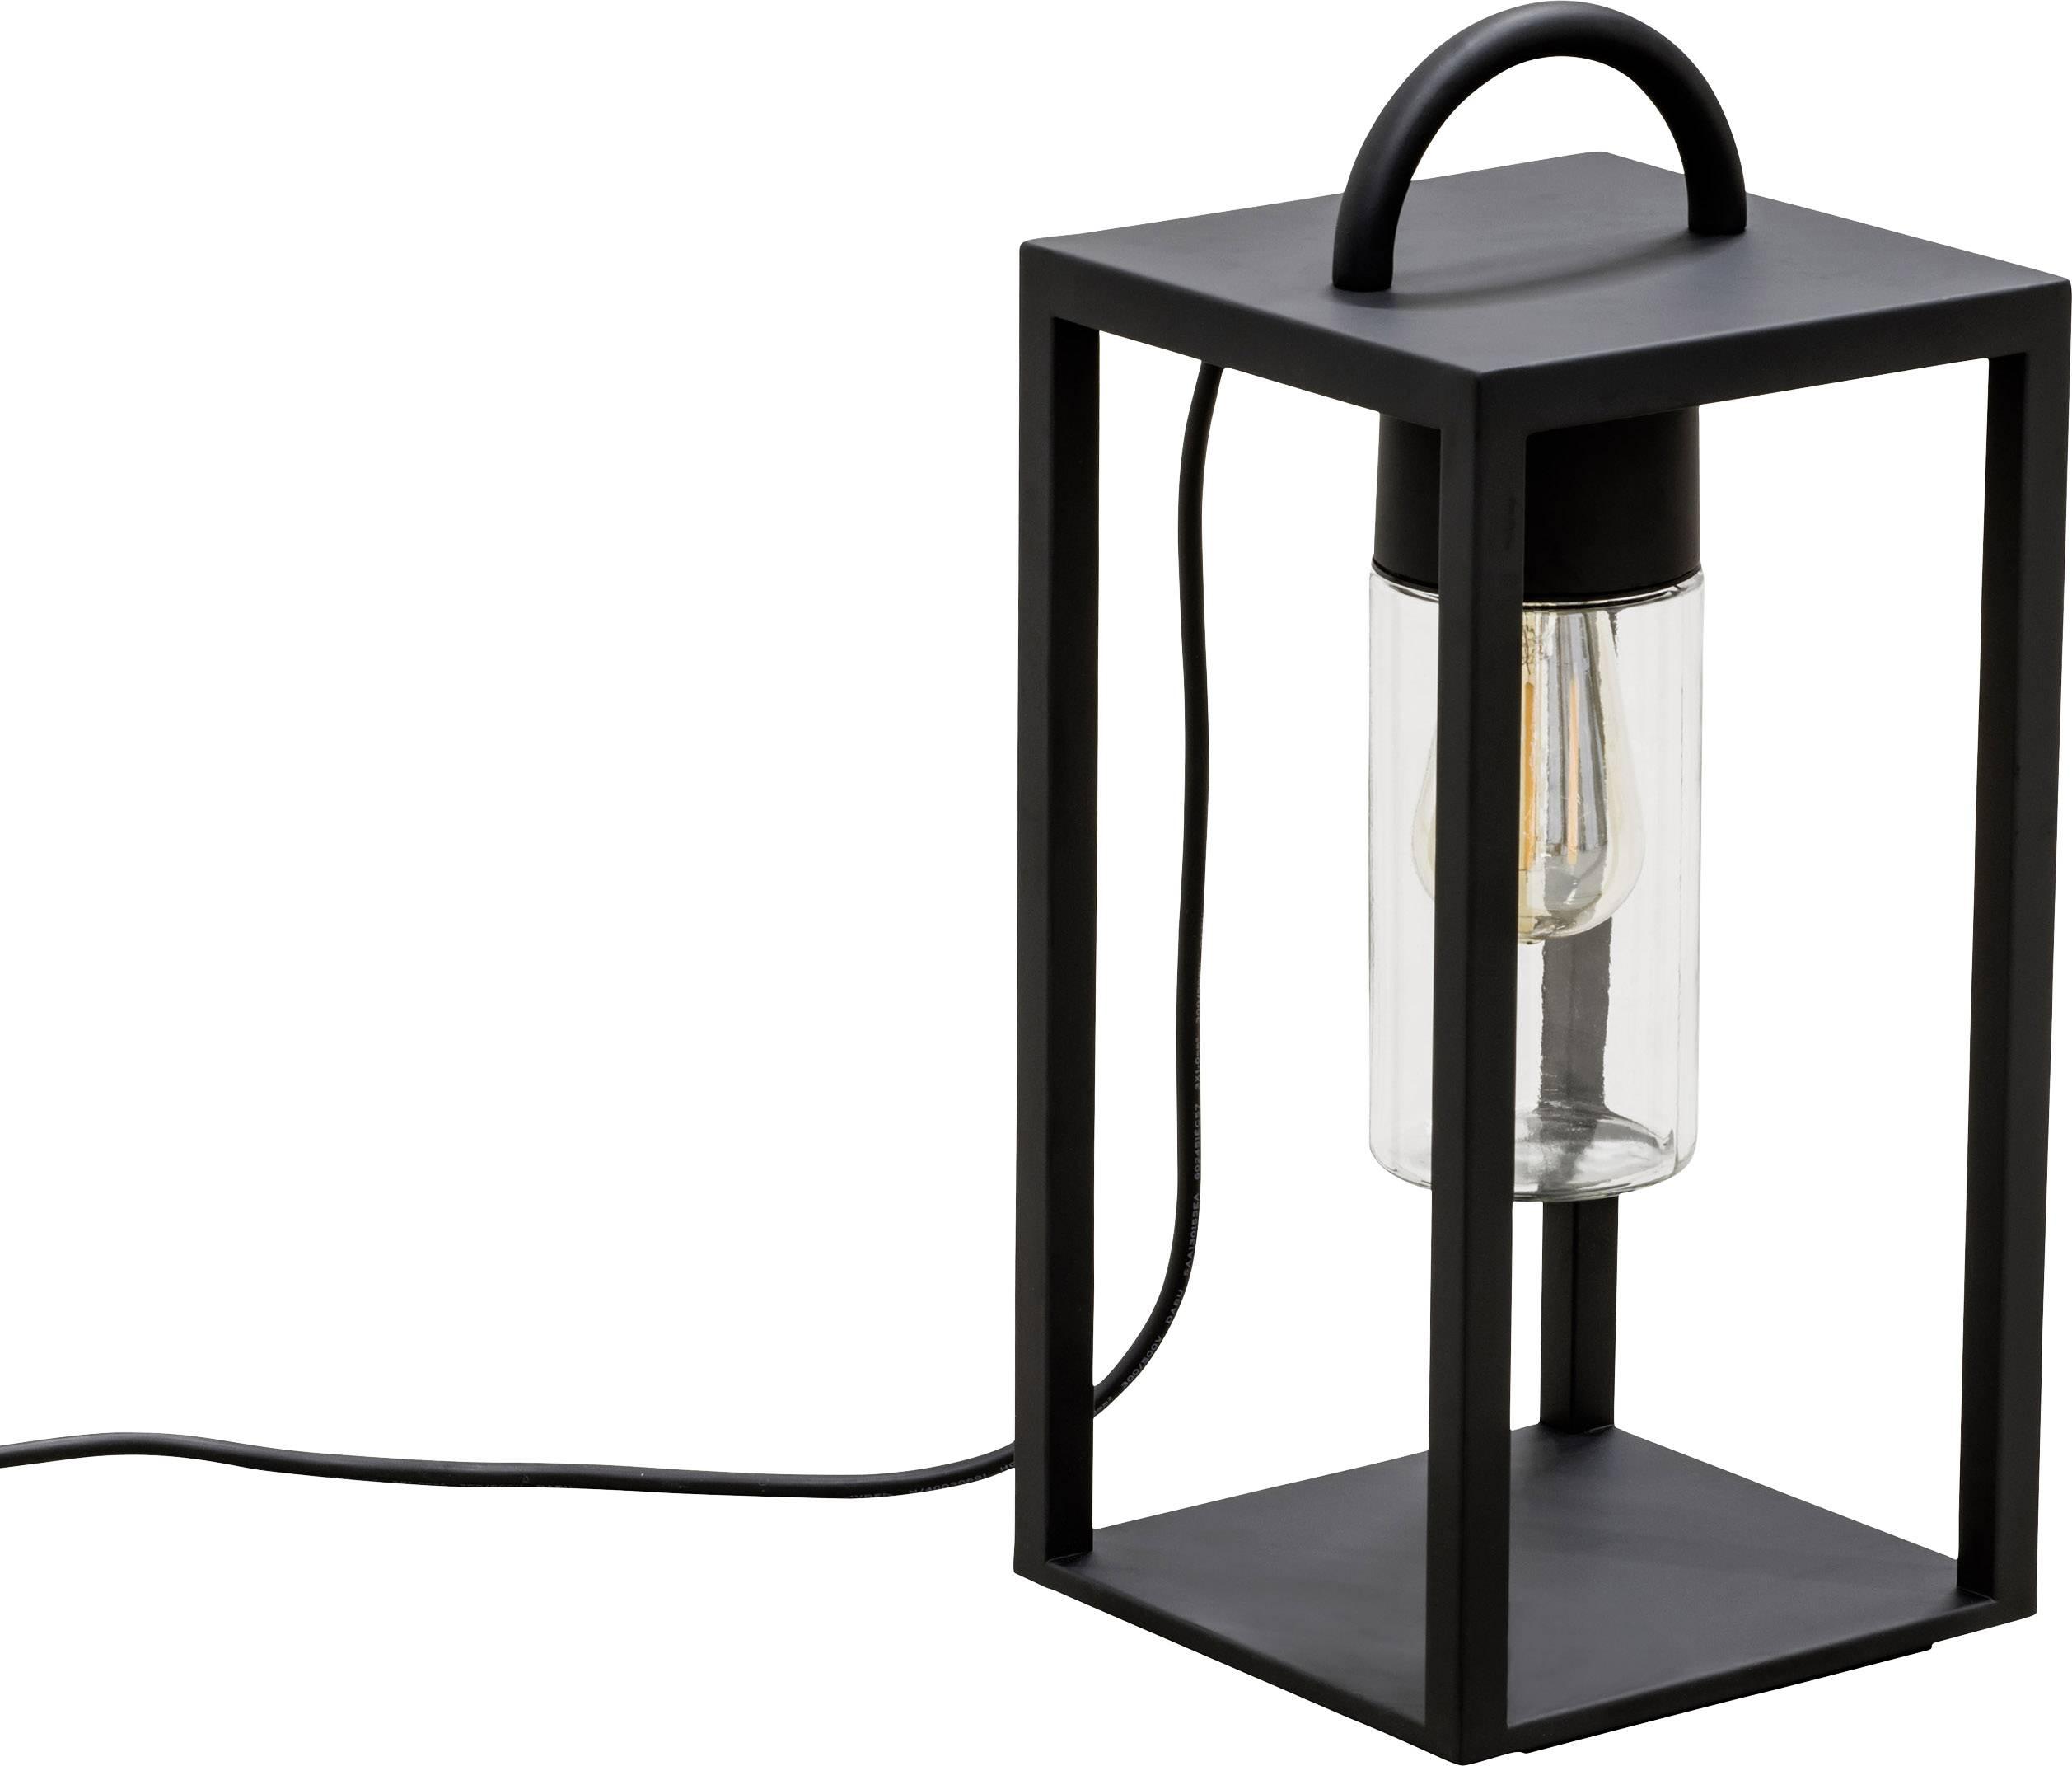 LED lucerna, zahradní osvětlení Konstsmide Bologna 7532-750, E27, 40 W, černá